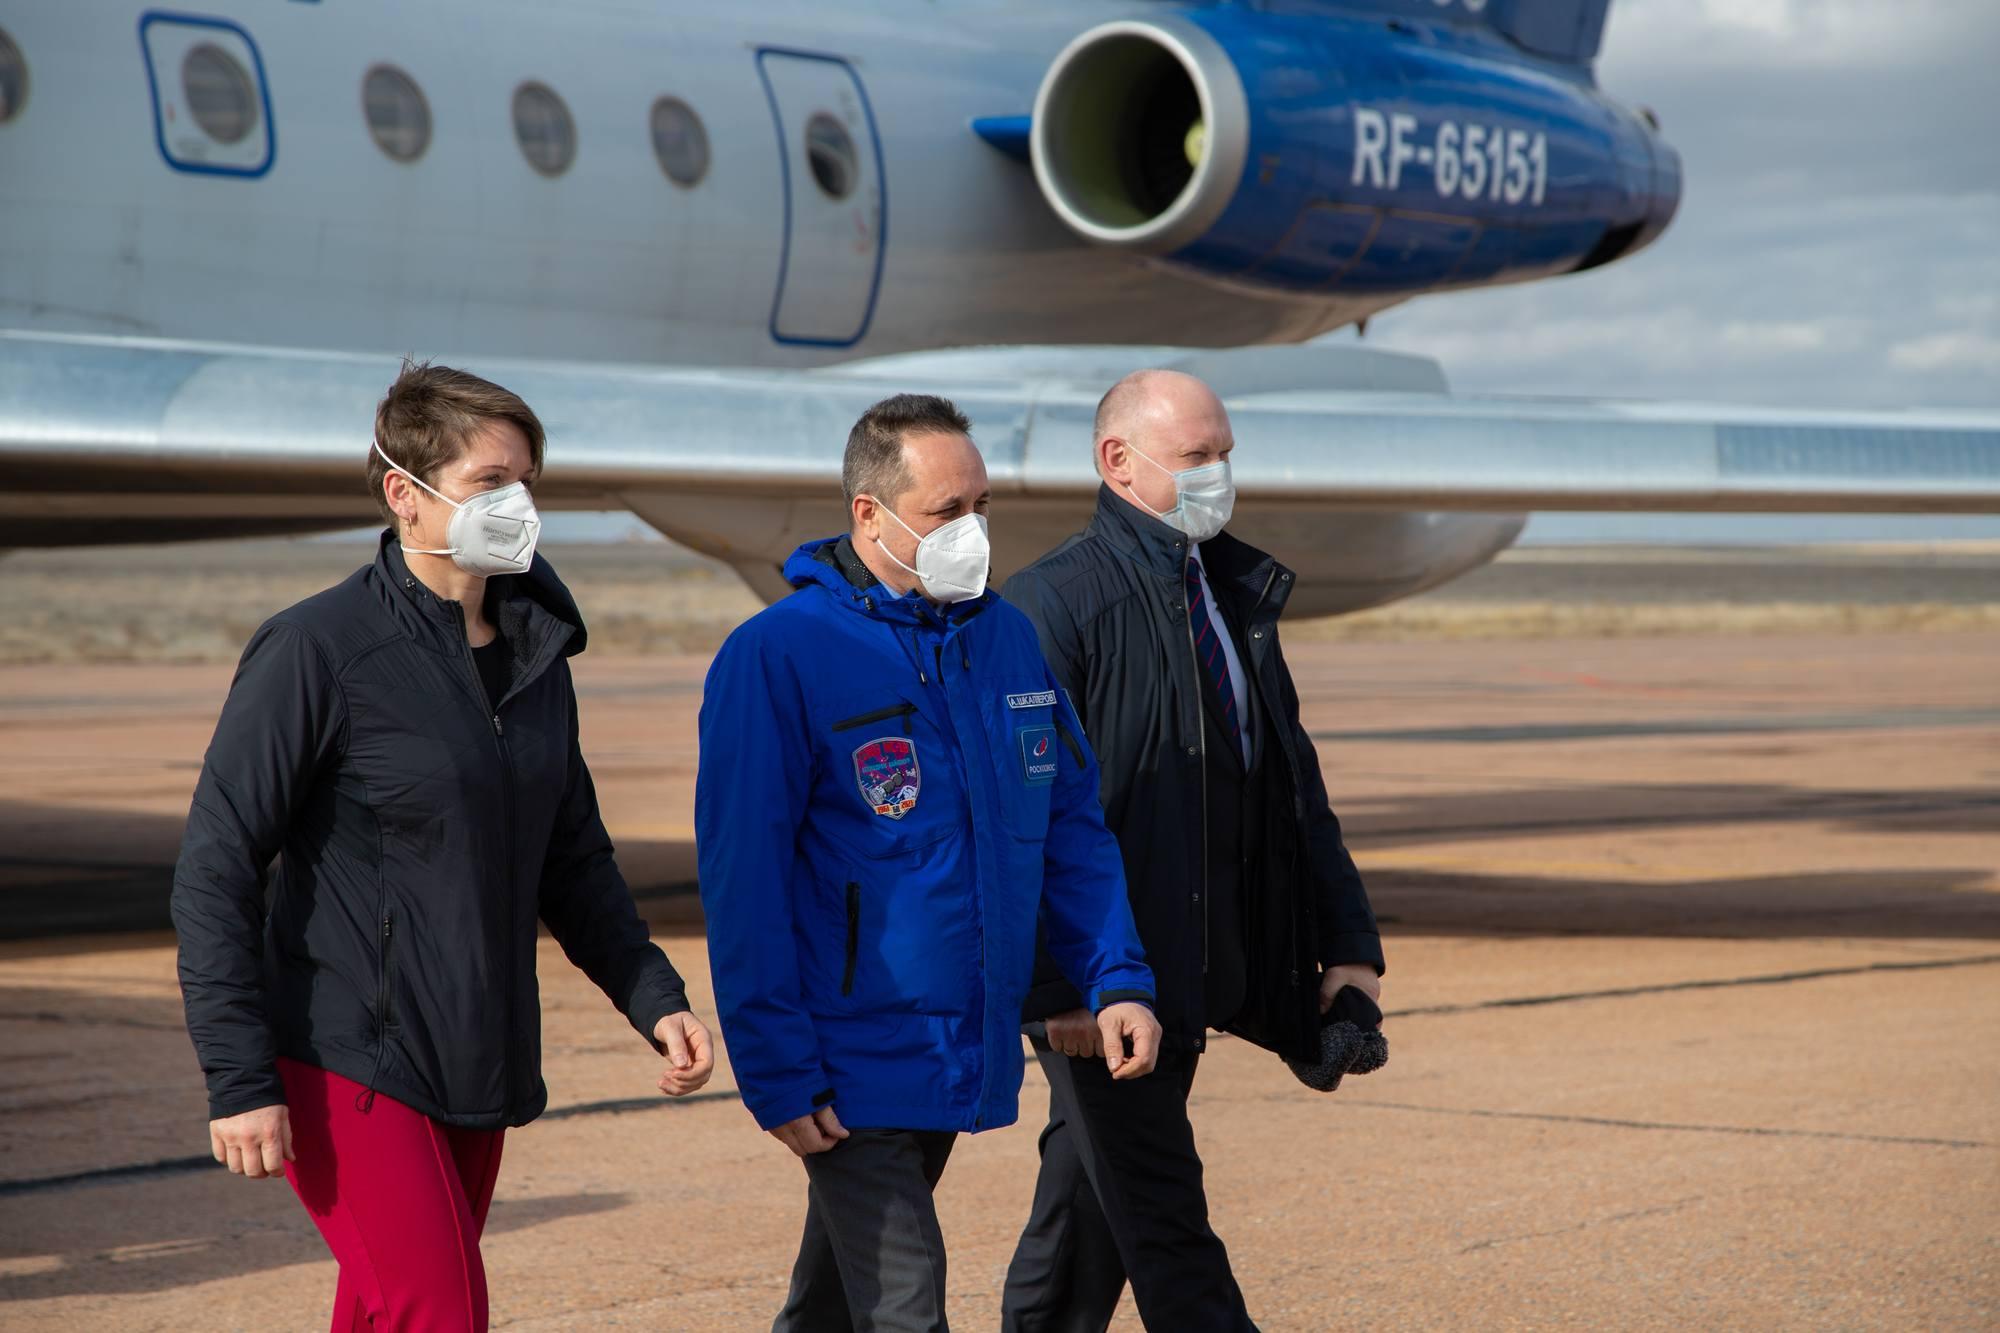 L'équipage descend d'avion pour être accueilli par le même comité d'accueil.